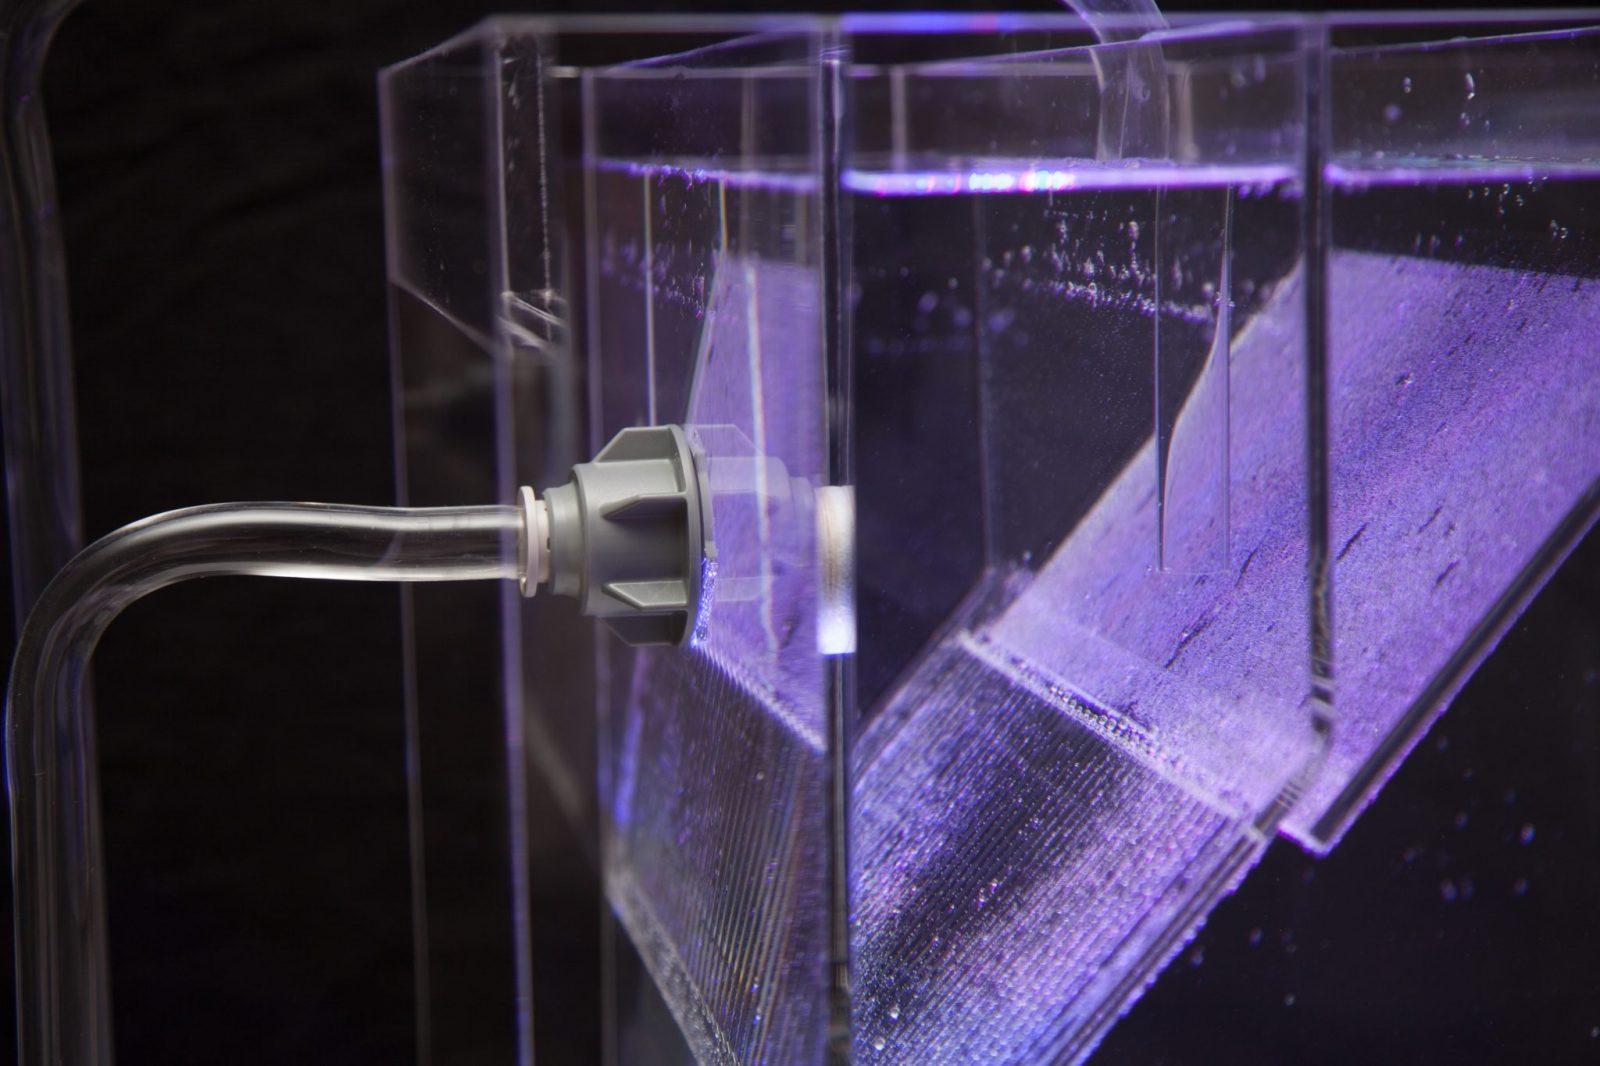 Medusa 45 Jellyfish Aquarium inlet close-up